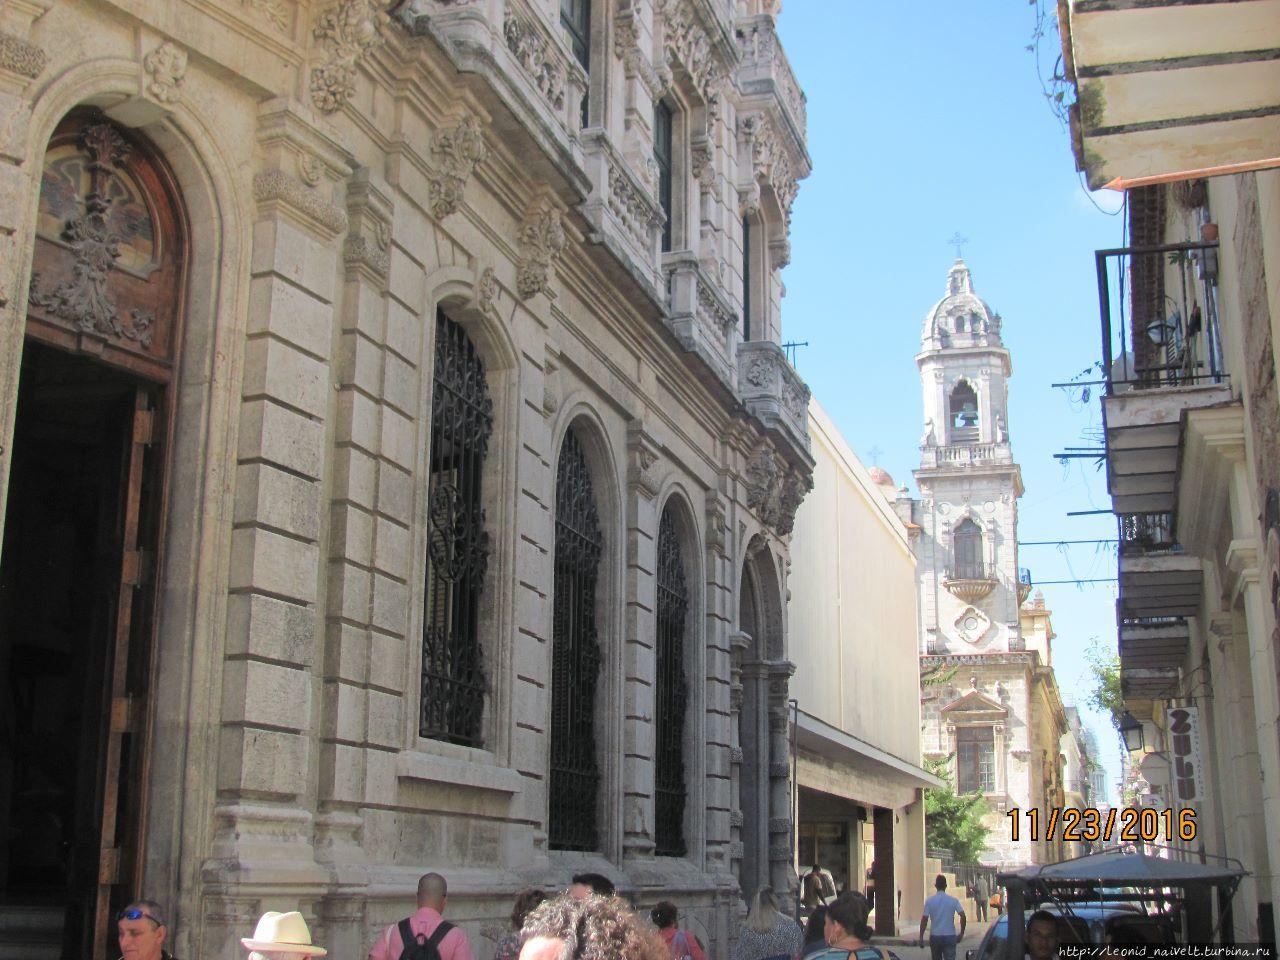 Гавана. Куба.  Достопримечательности. С виду скромная мадам